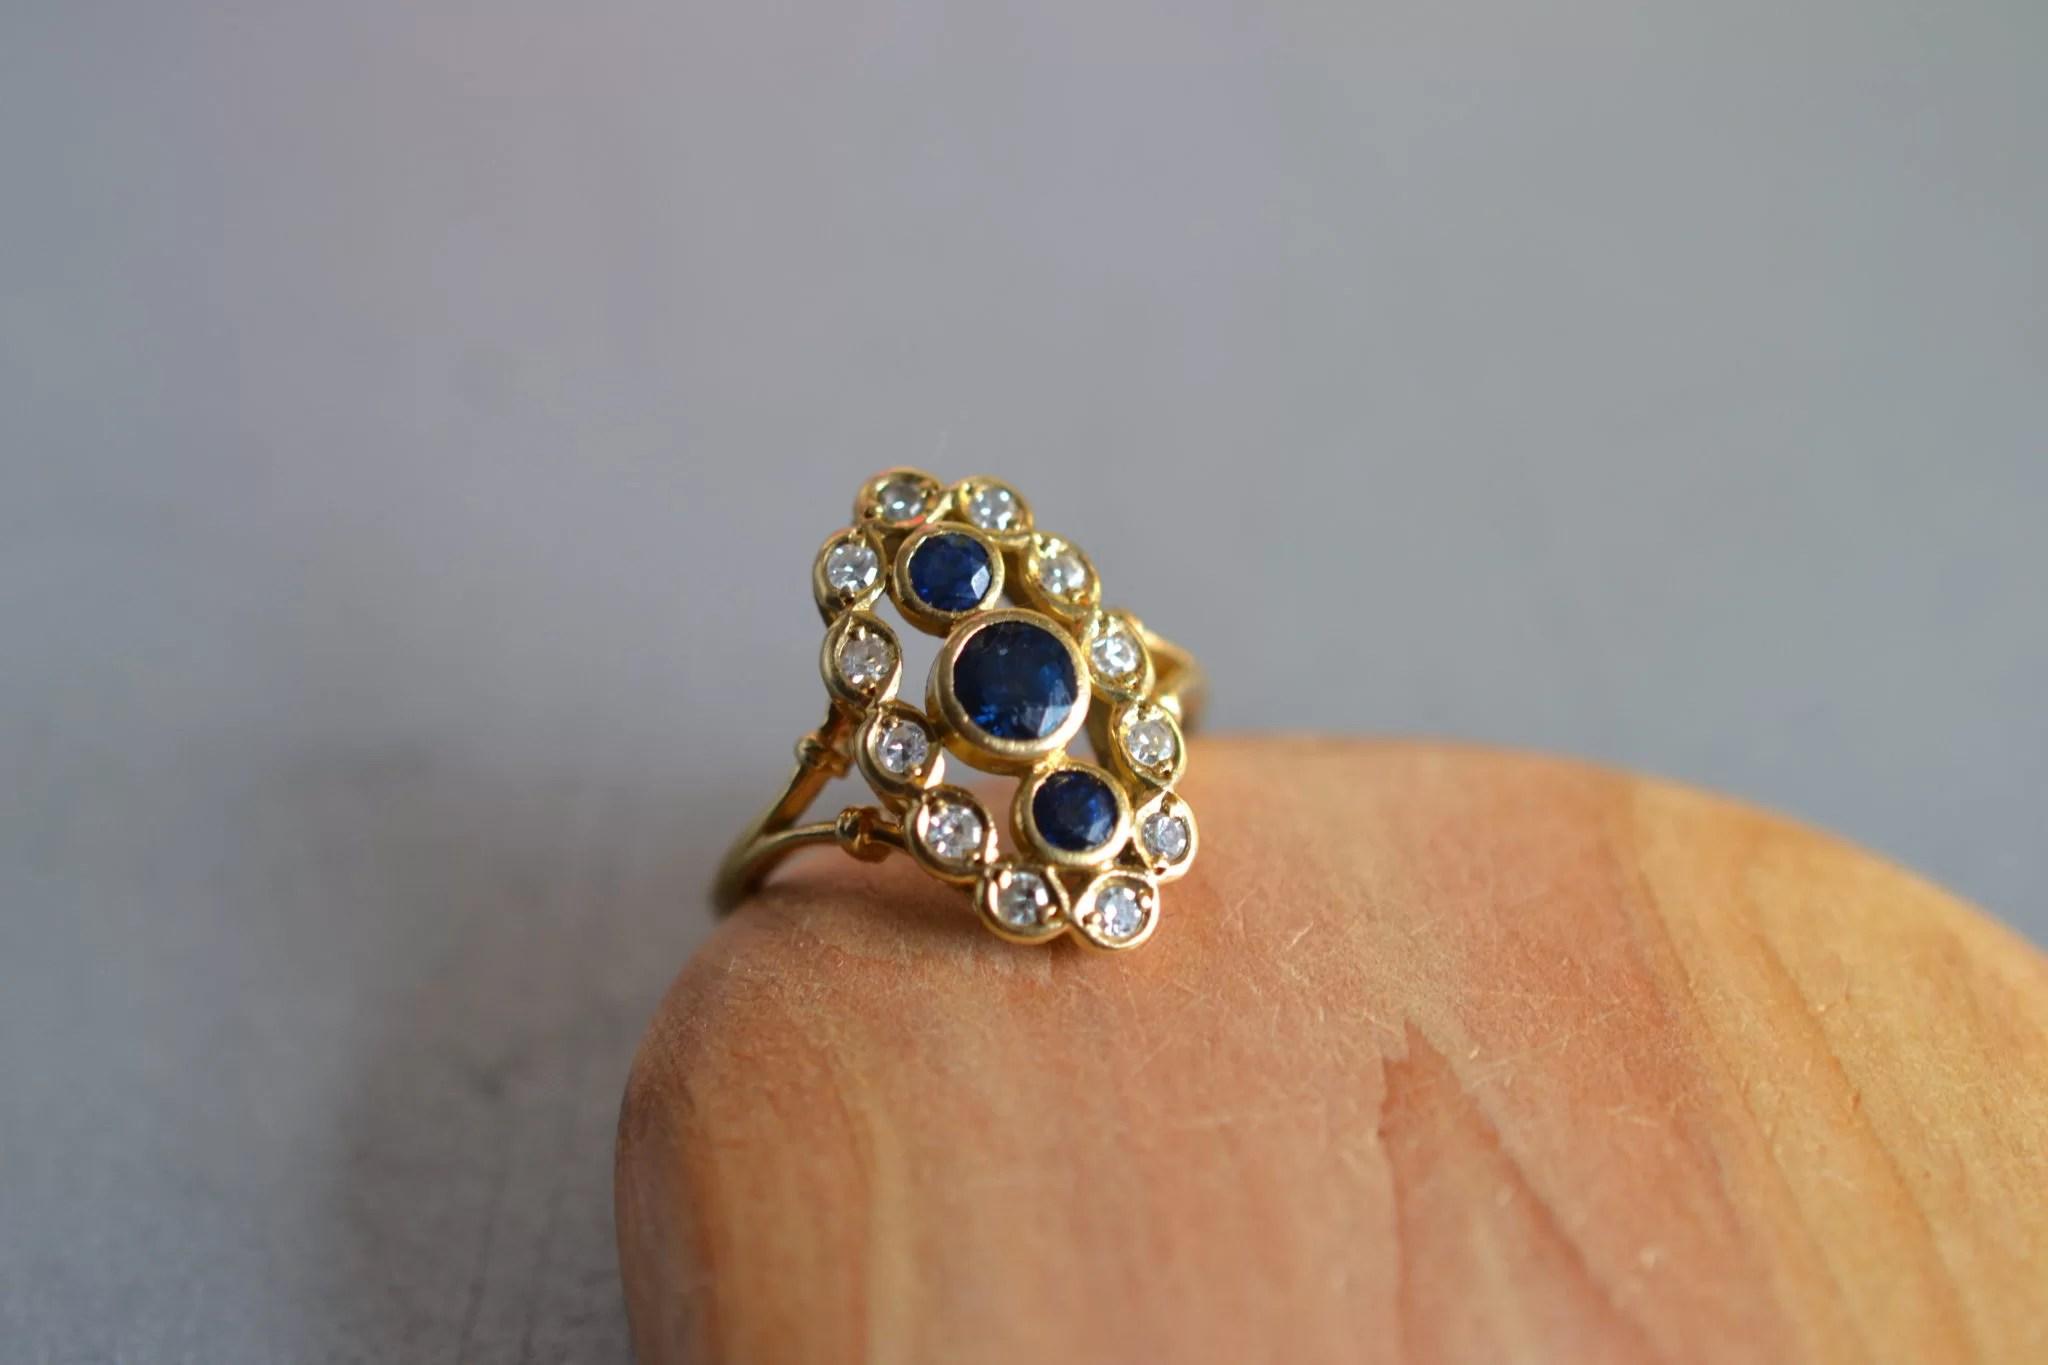 bague marquise saphir et diamants - en OR 18 carats 750:1000 - bague de fiançailles ancienne - noircarart.fr